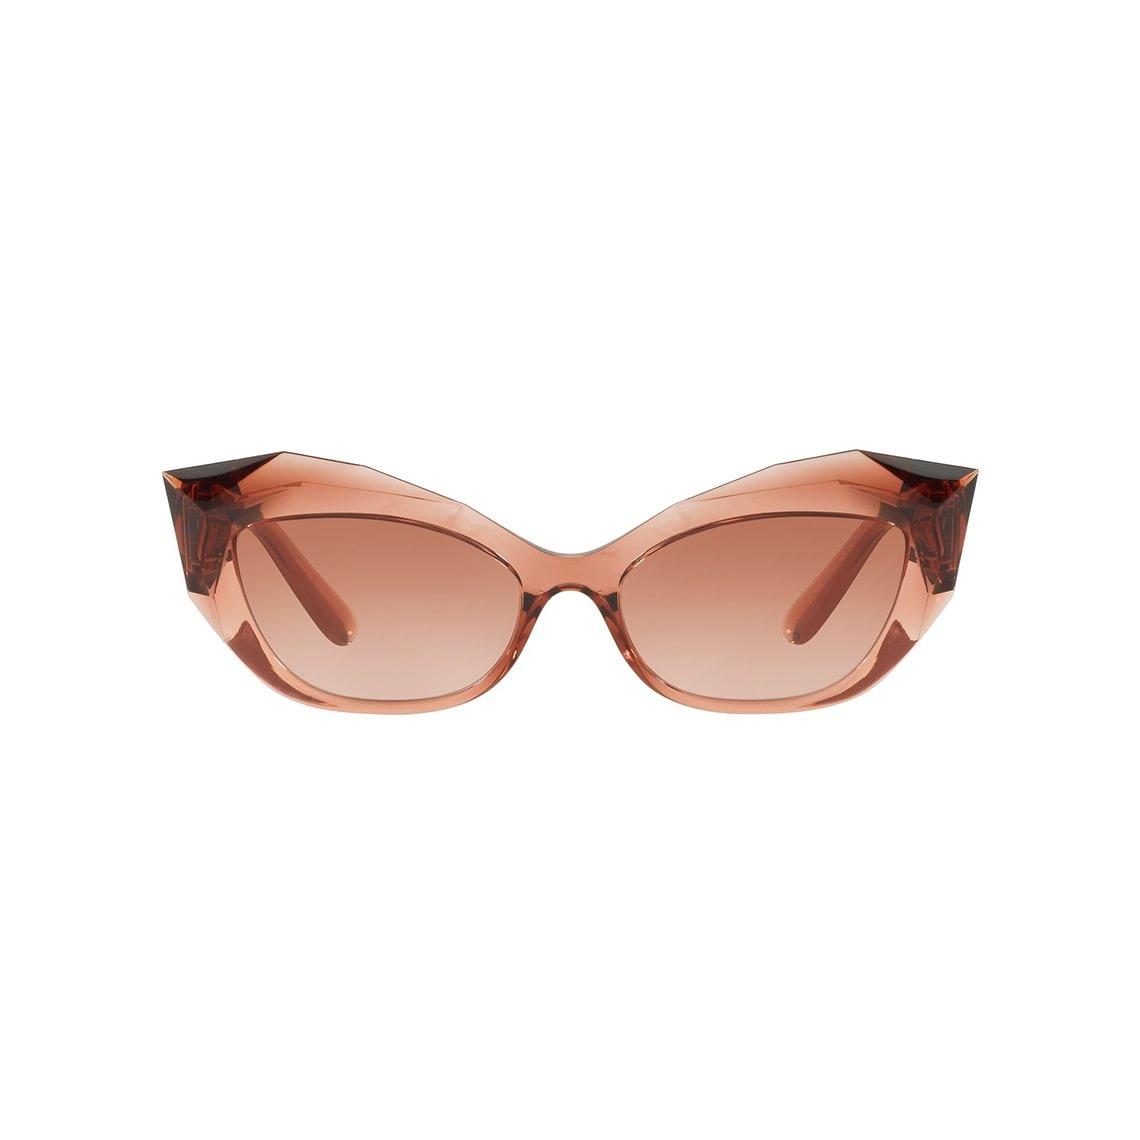 Dolce & Gabbana 0DG6123 54 314813